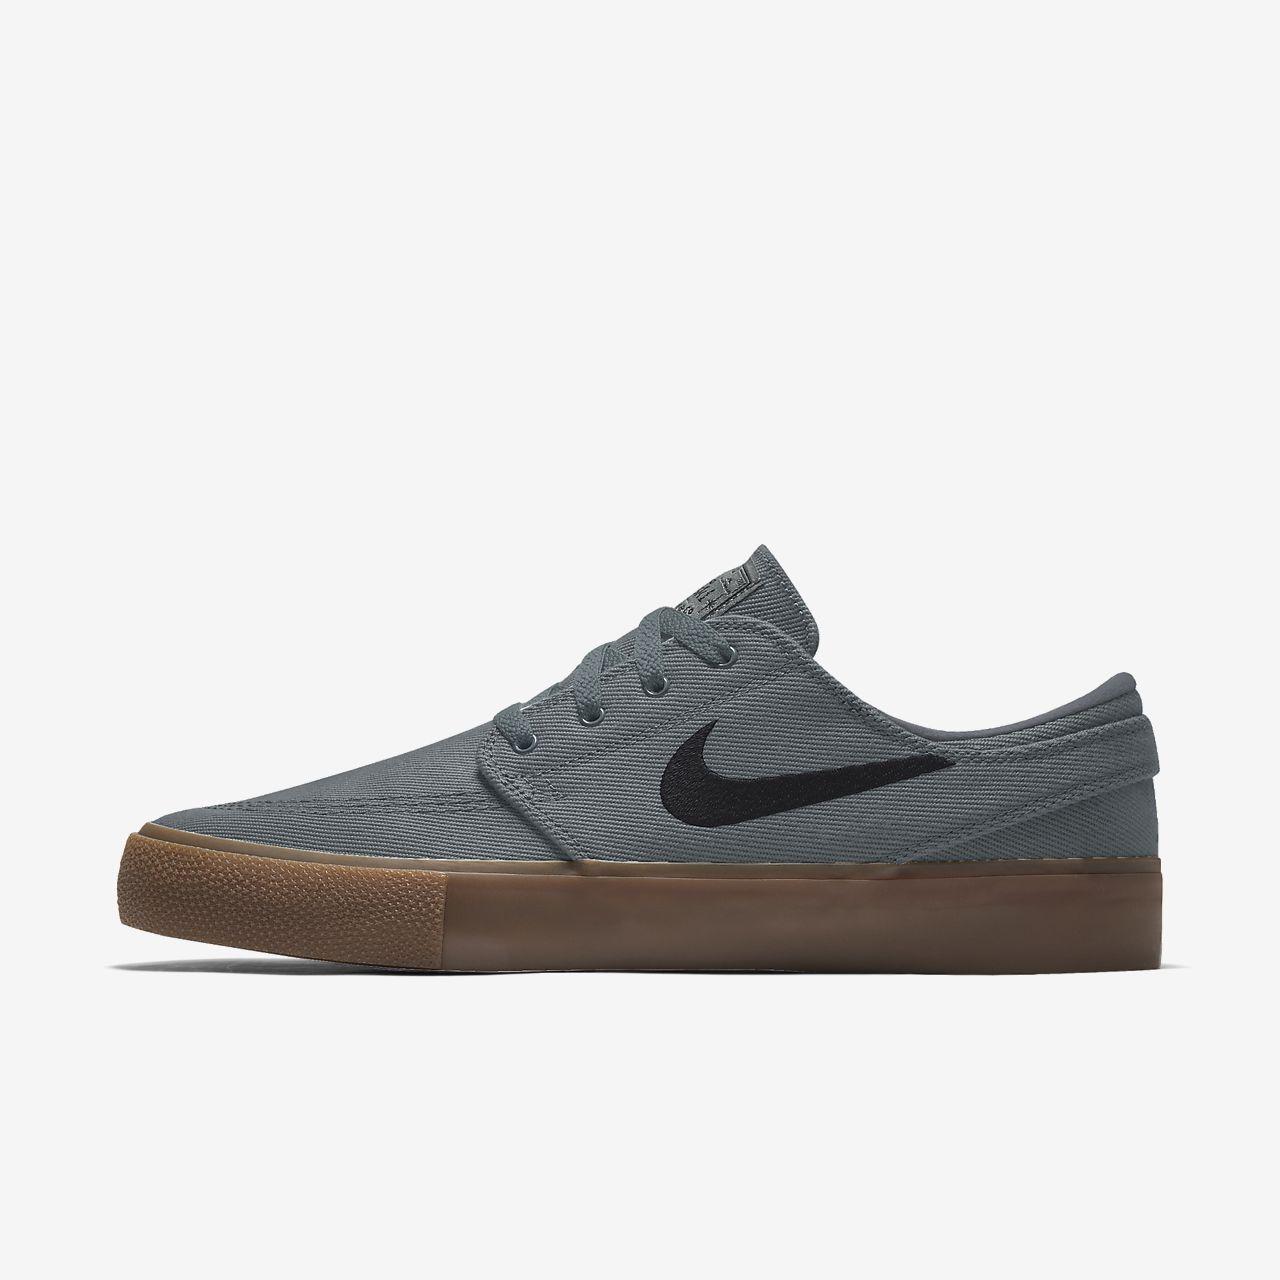 Skateboardová bota Nike SB Zoom Stefan Janoski RM By You upravená podle tebe